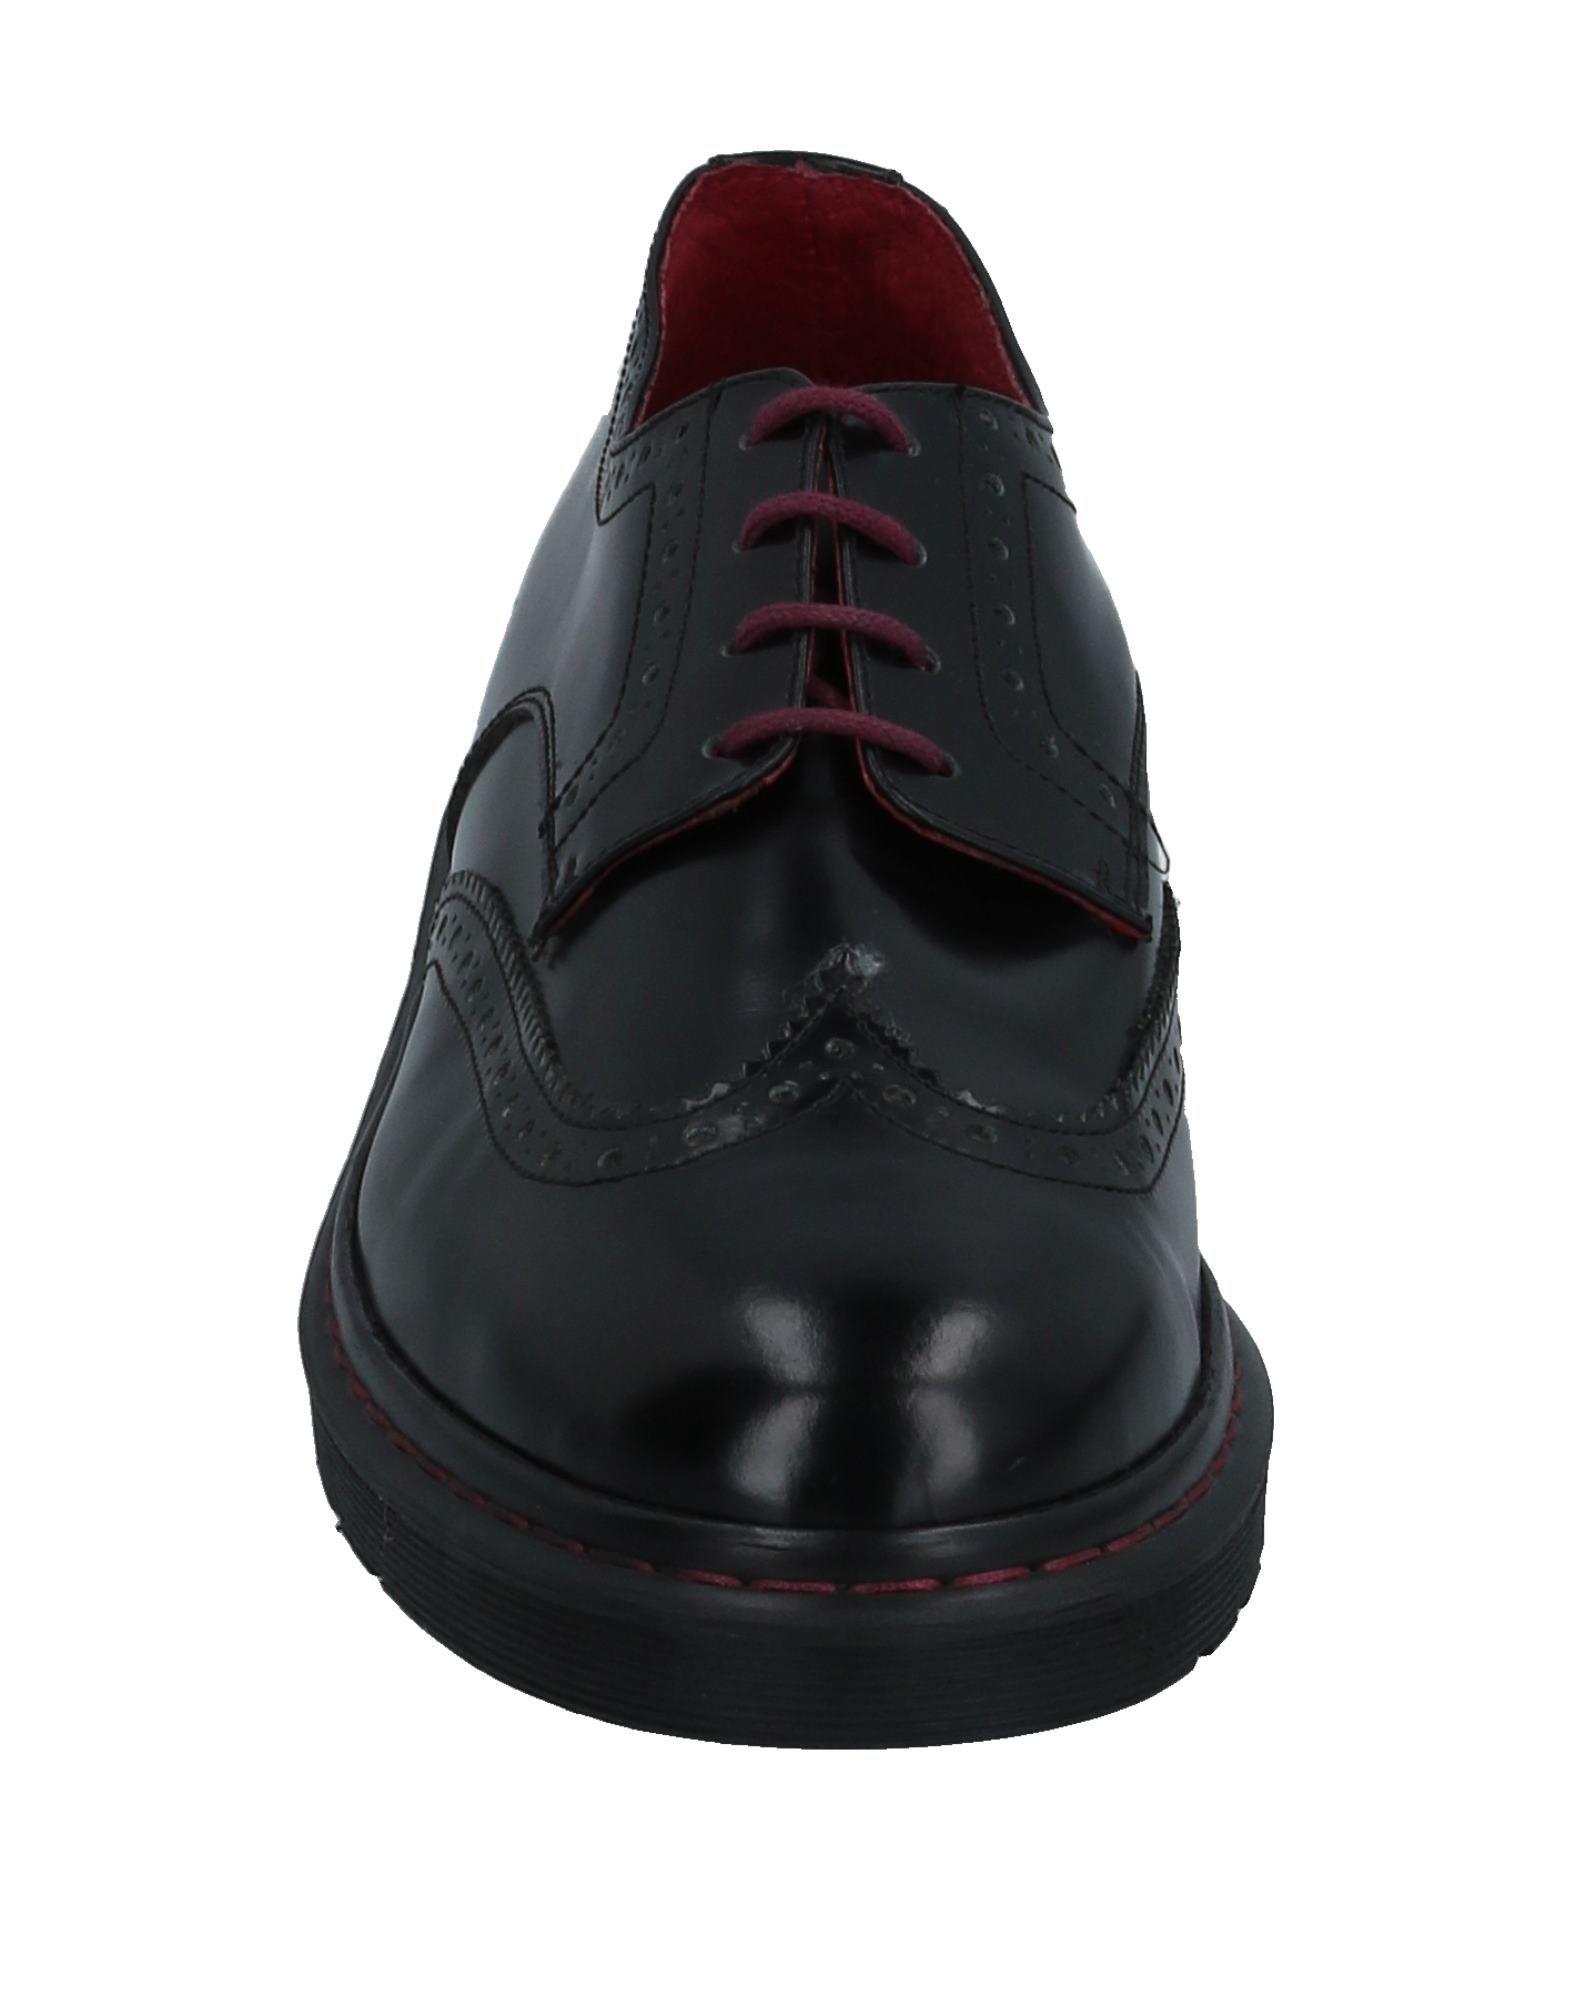 Rabatt echte Schuhe Herren Maison Zero Q Schnürschuhe Herren Schuhe  11520086AG 8c94fc